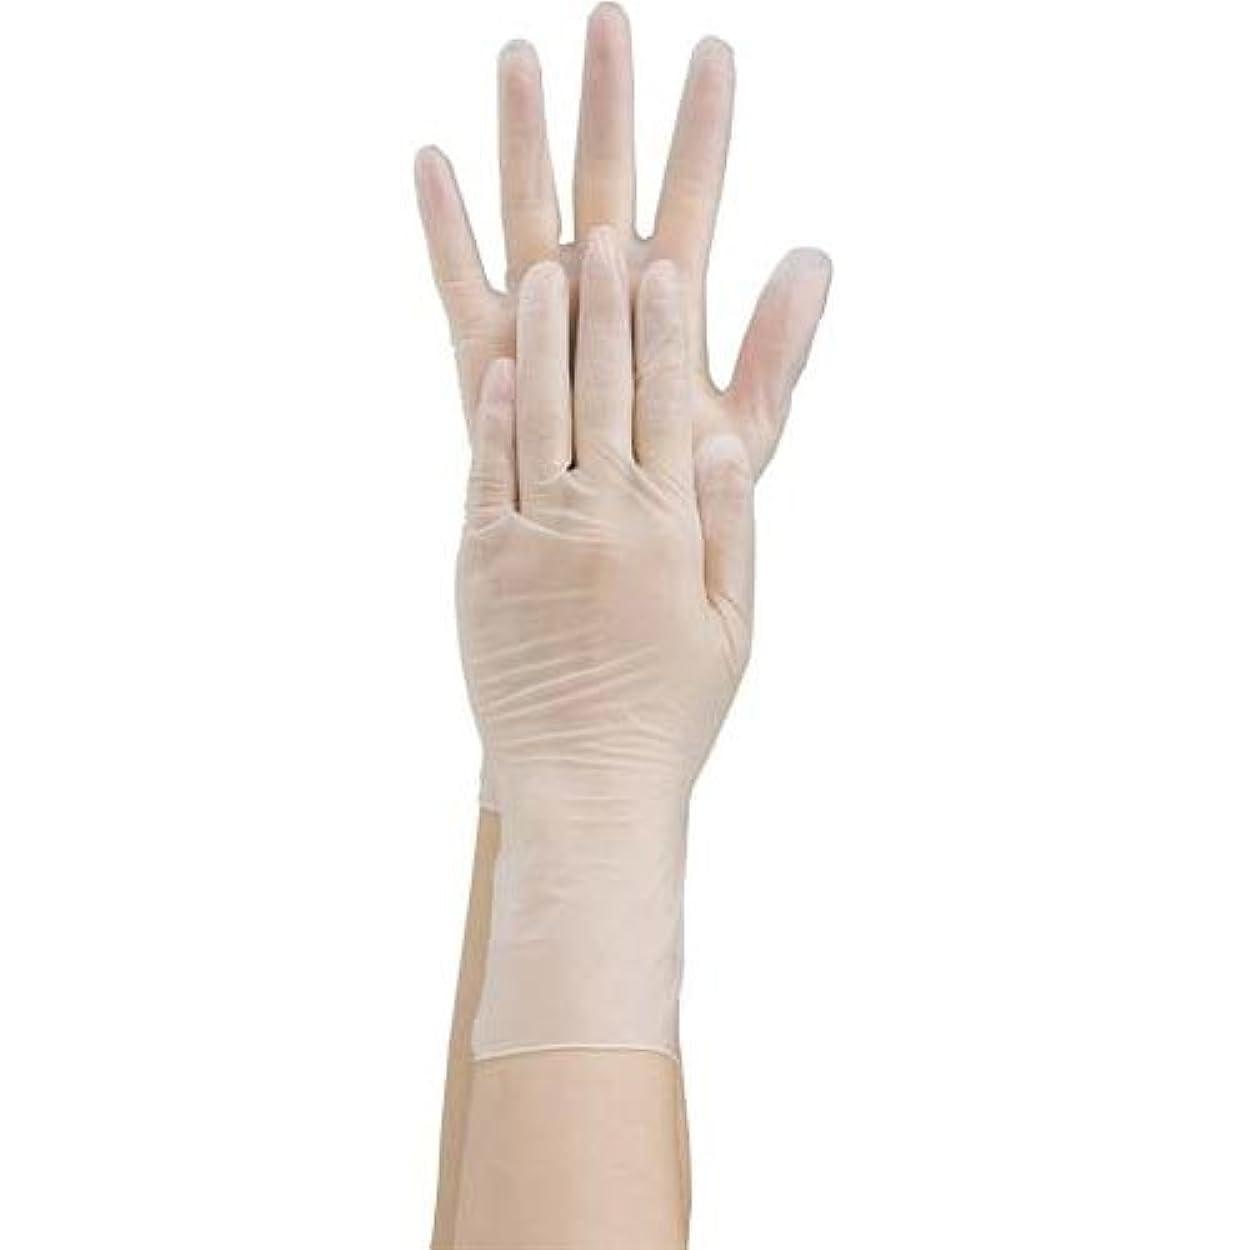 無数の笑レポートを書く共和 プラスチック手袋 粉無 No.2500 S 10箱